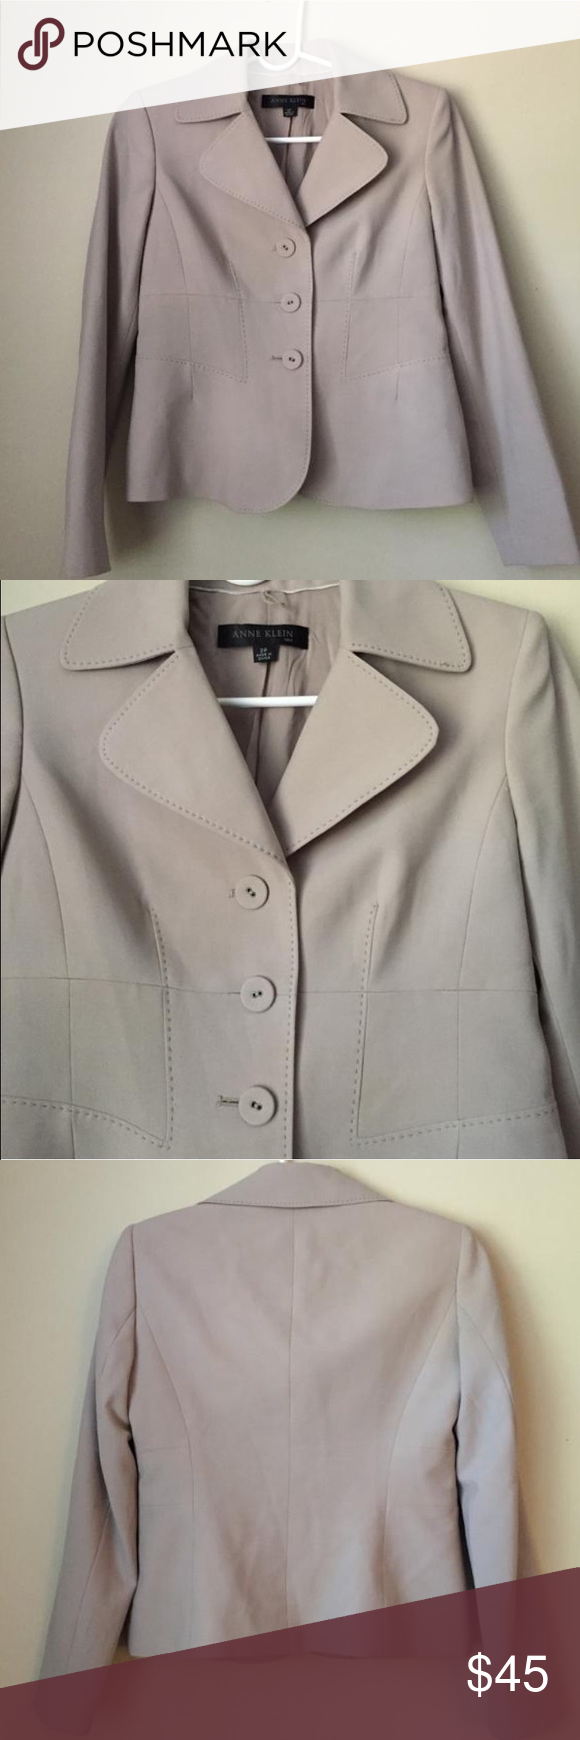 Anne Klein blazer. Excellent condition, like new! Anne Klein Jackets & Coats Blazers